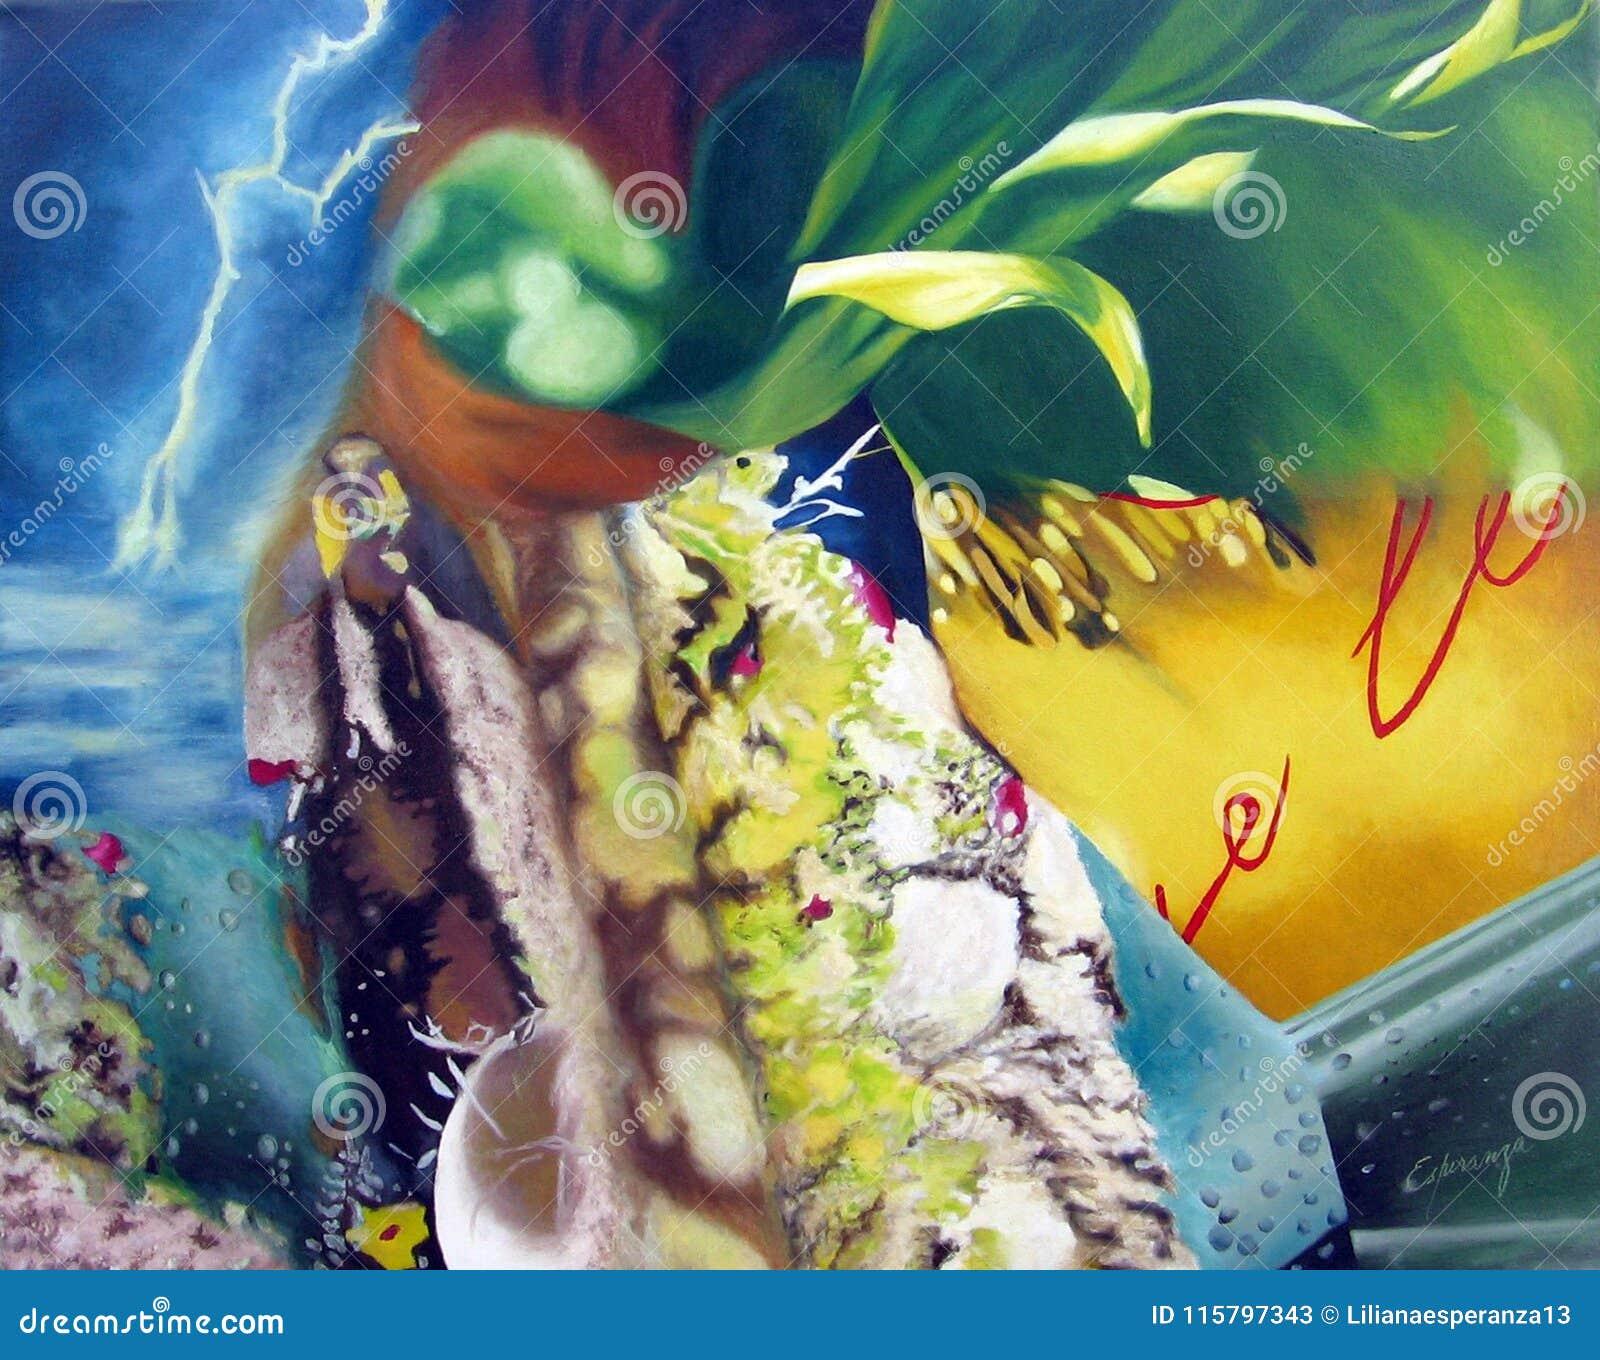 Origineel het schilderen abstract kunstwerk oleo